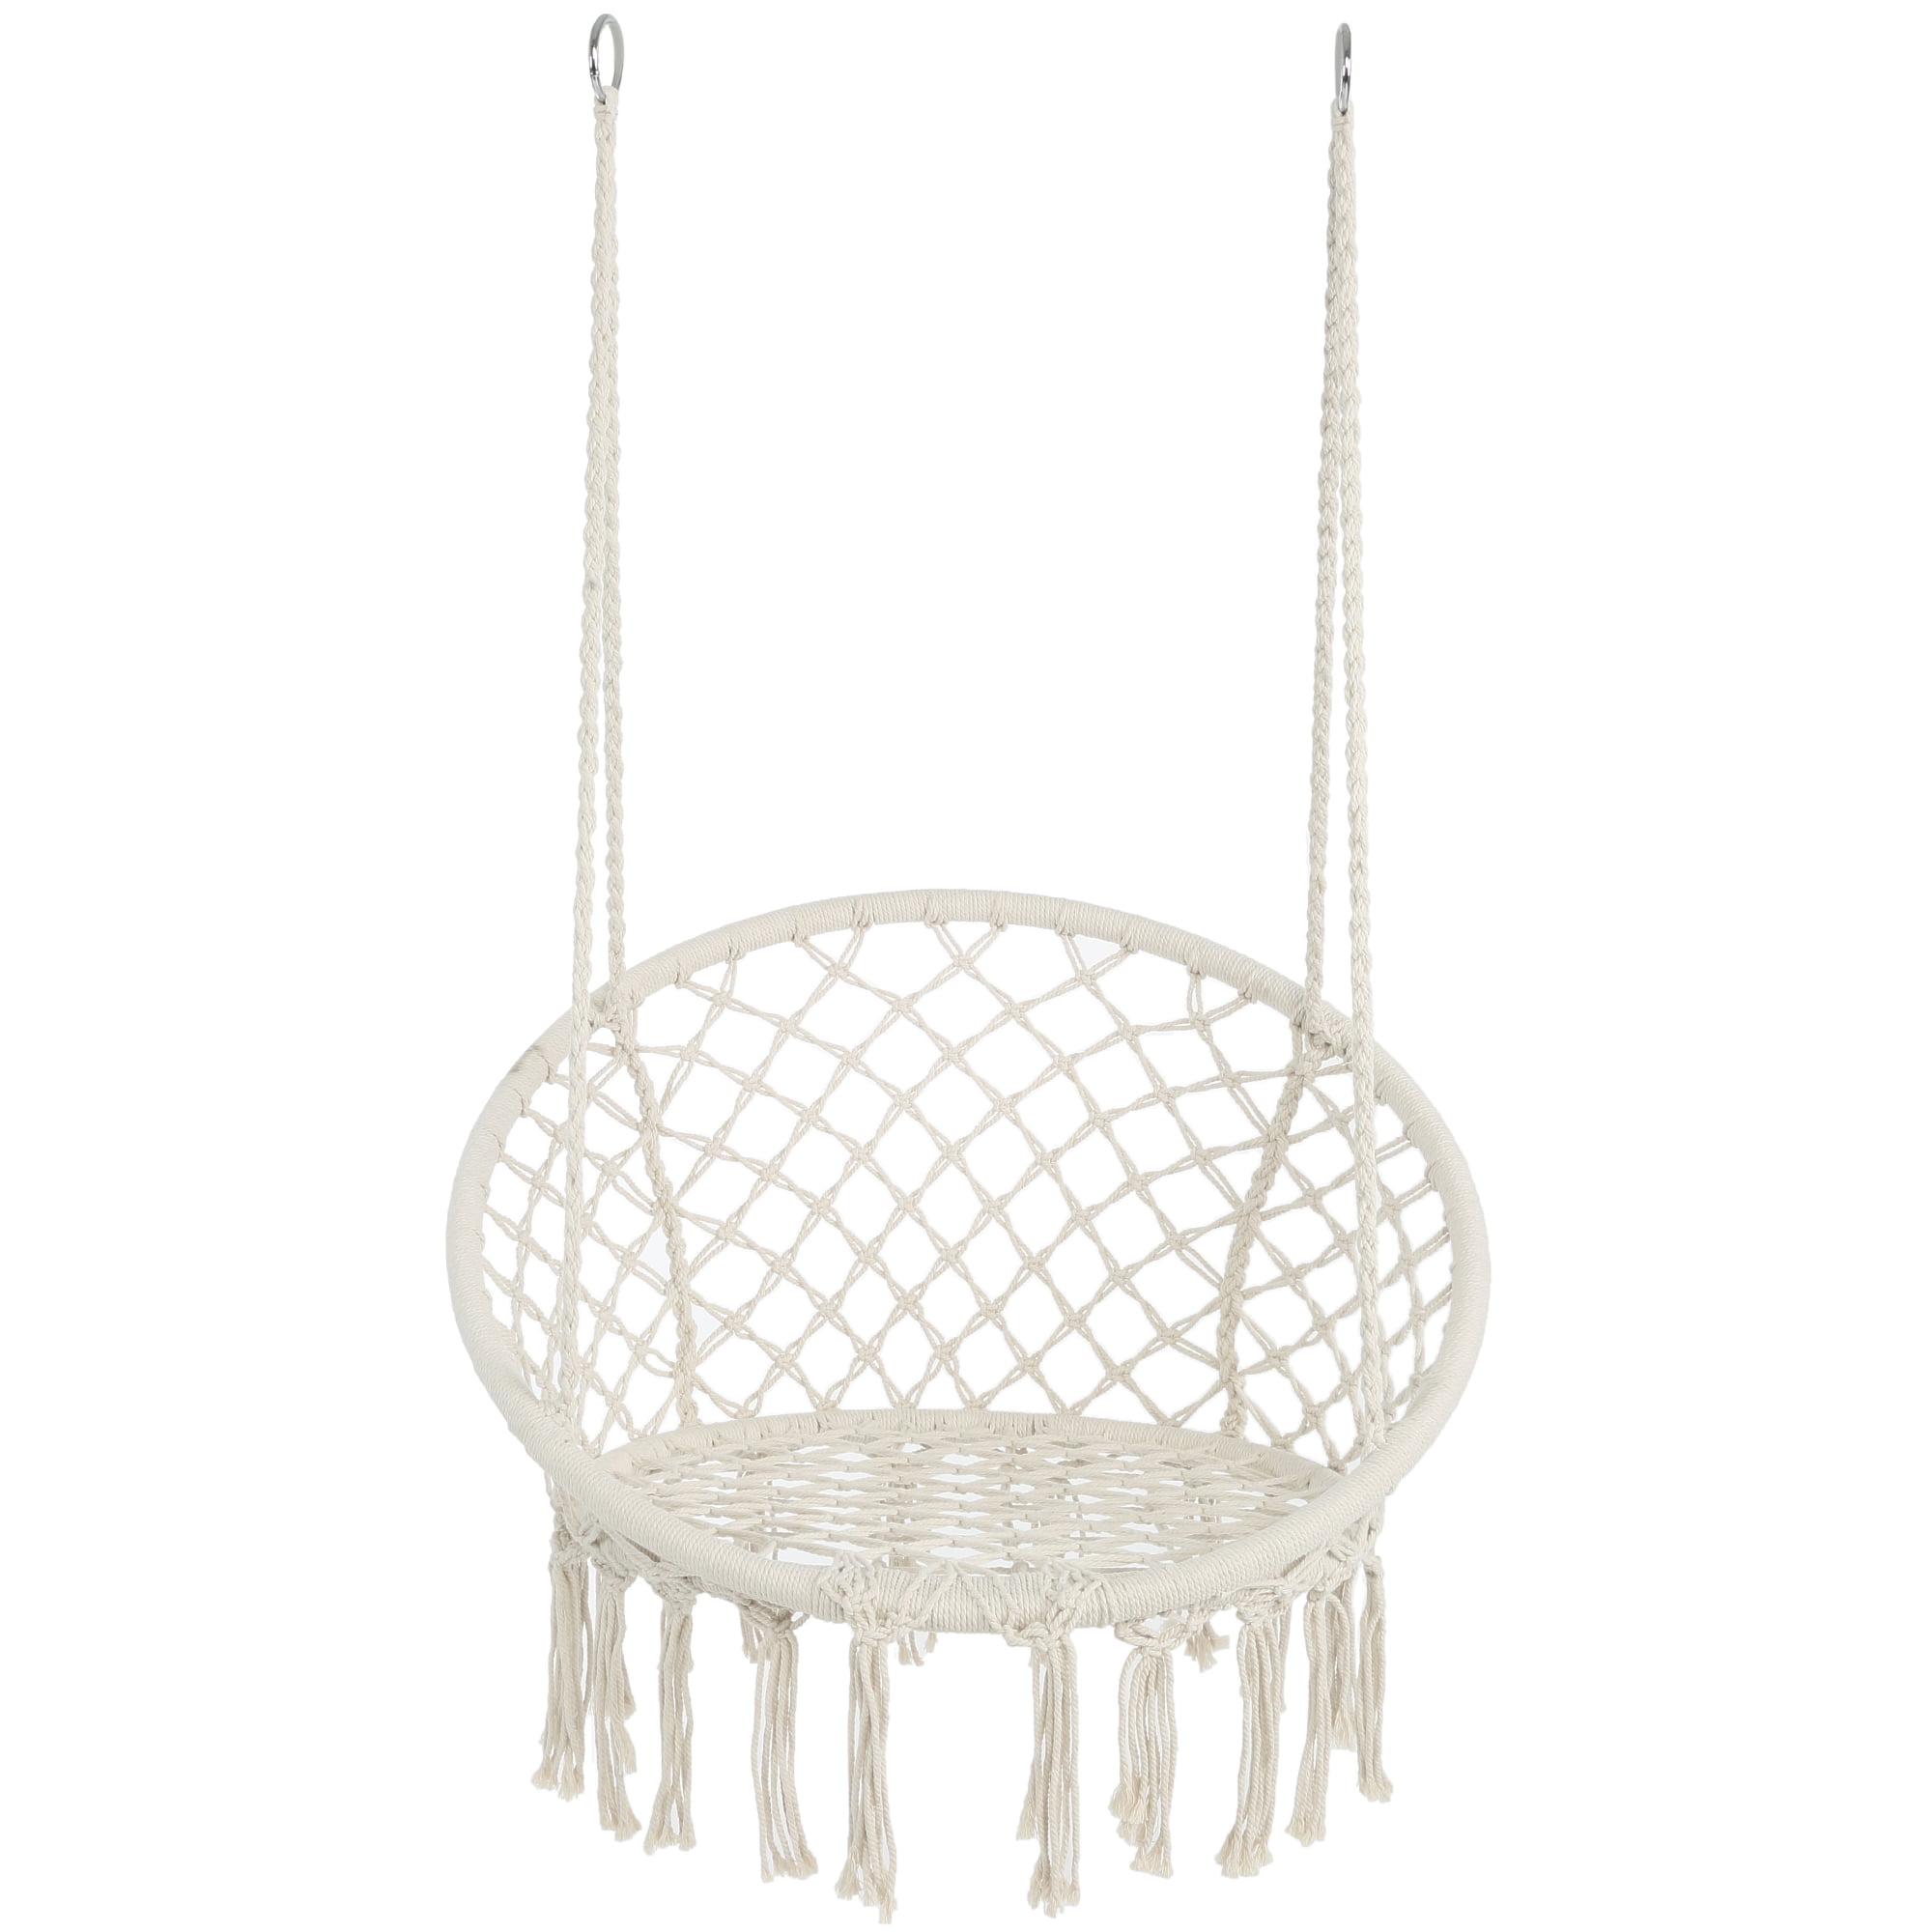 indoor hanging chair for bedroom, 32.3x32.2in widen boho